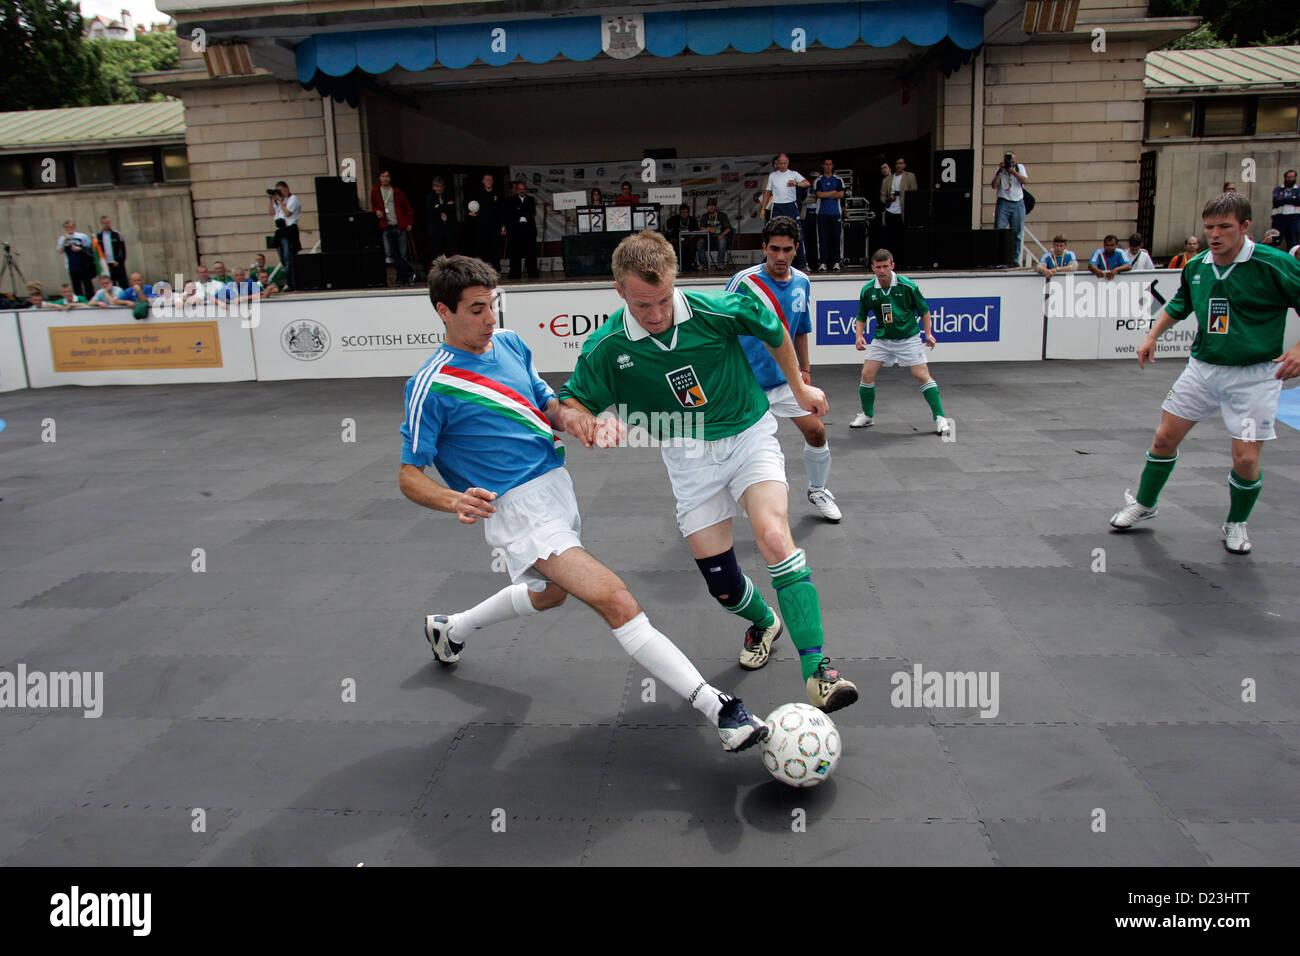 Italie c. l'Irlande à la Coupe du Monde des sans-abri tournoi de football qui a eu lieu à Édimbourg, Photo Stock